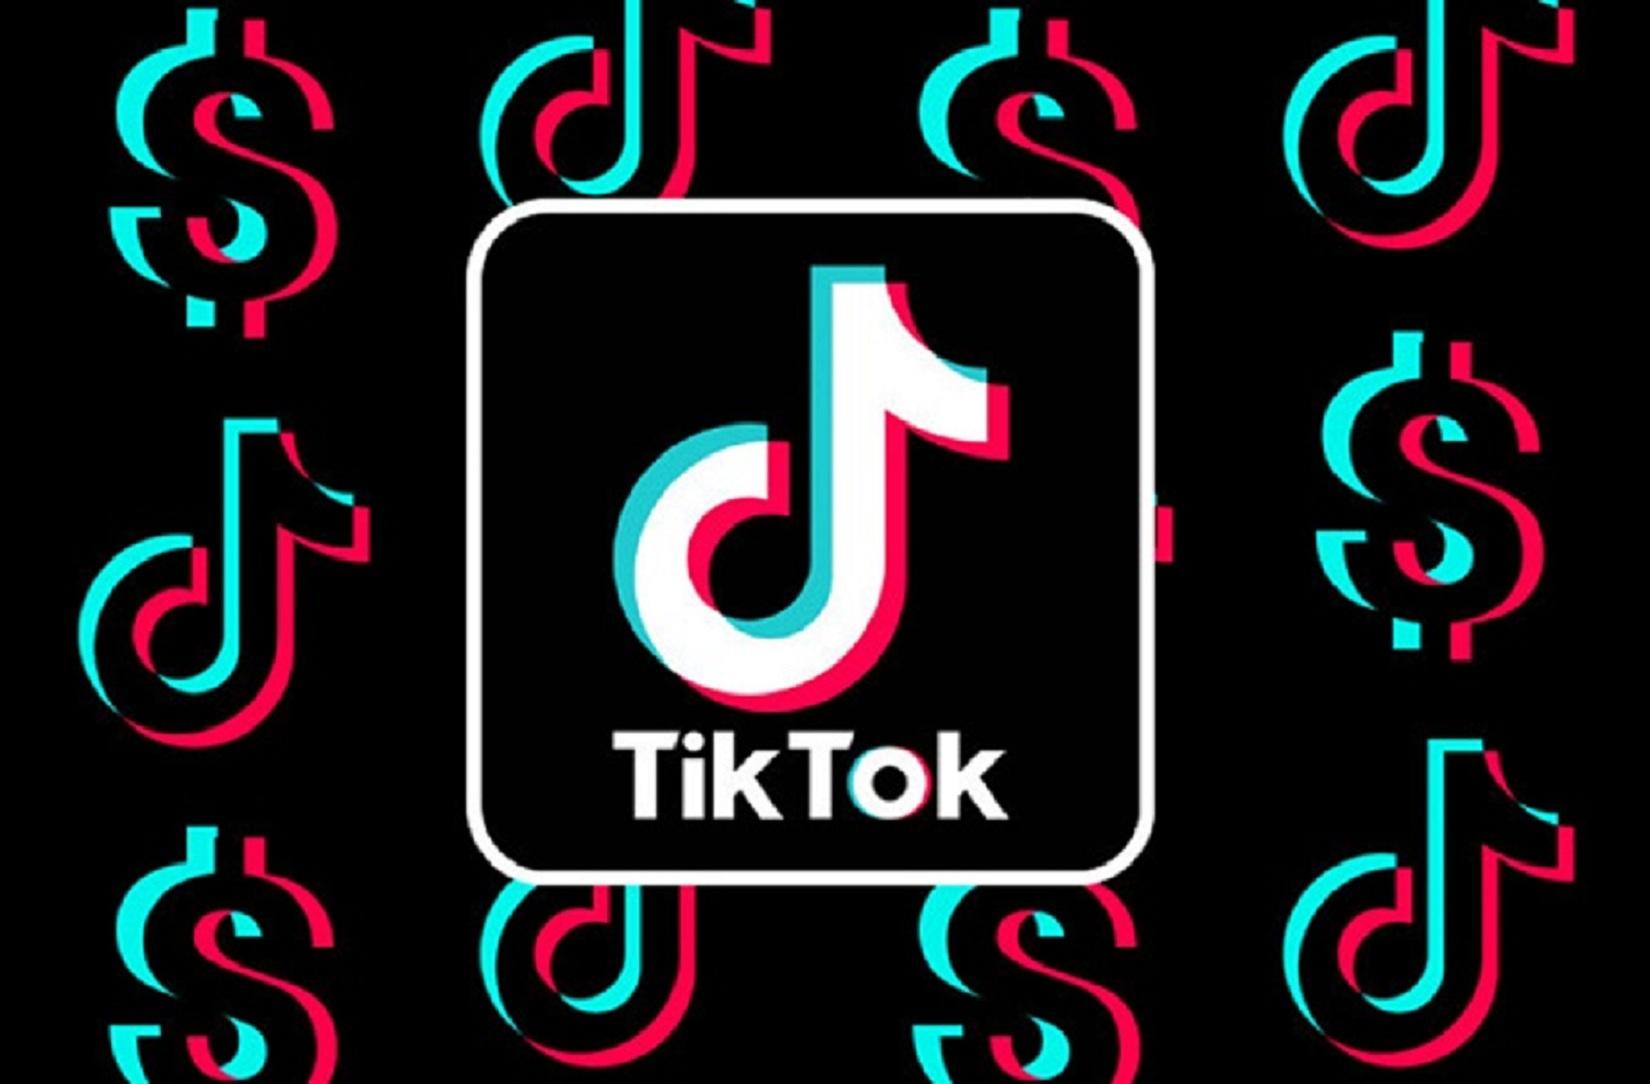 Tik Tok запустил образовательный контент